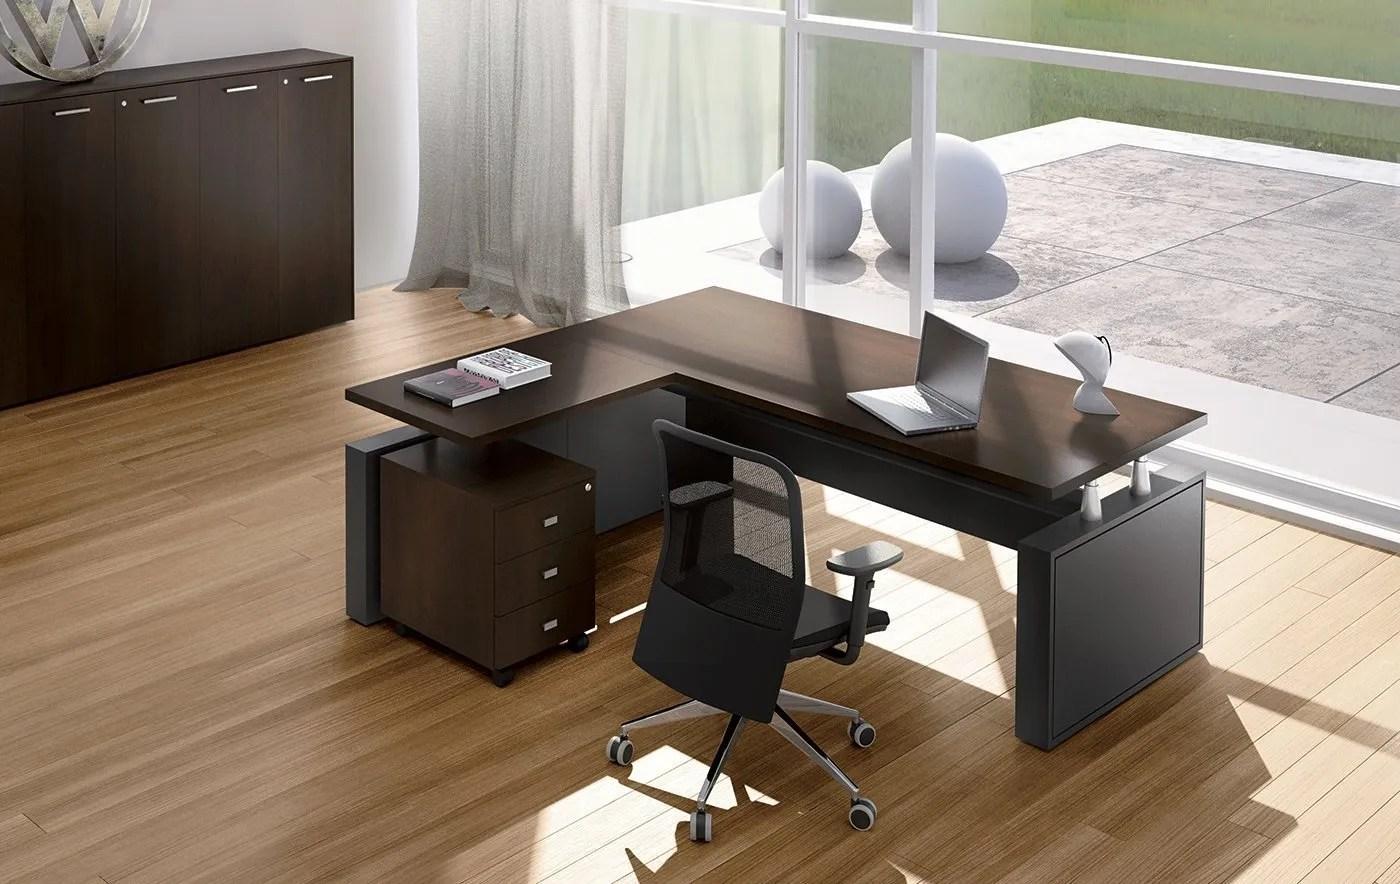 Office più è leader dell'arredamento d'ufficio, vi offre una vasta scelta di scrivanie, mobili contenitori per archivio,pareti divisorie e attrezzate,. Produzione Arredo Ufficio Arredoufficio Arredamento Per Ufficio